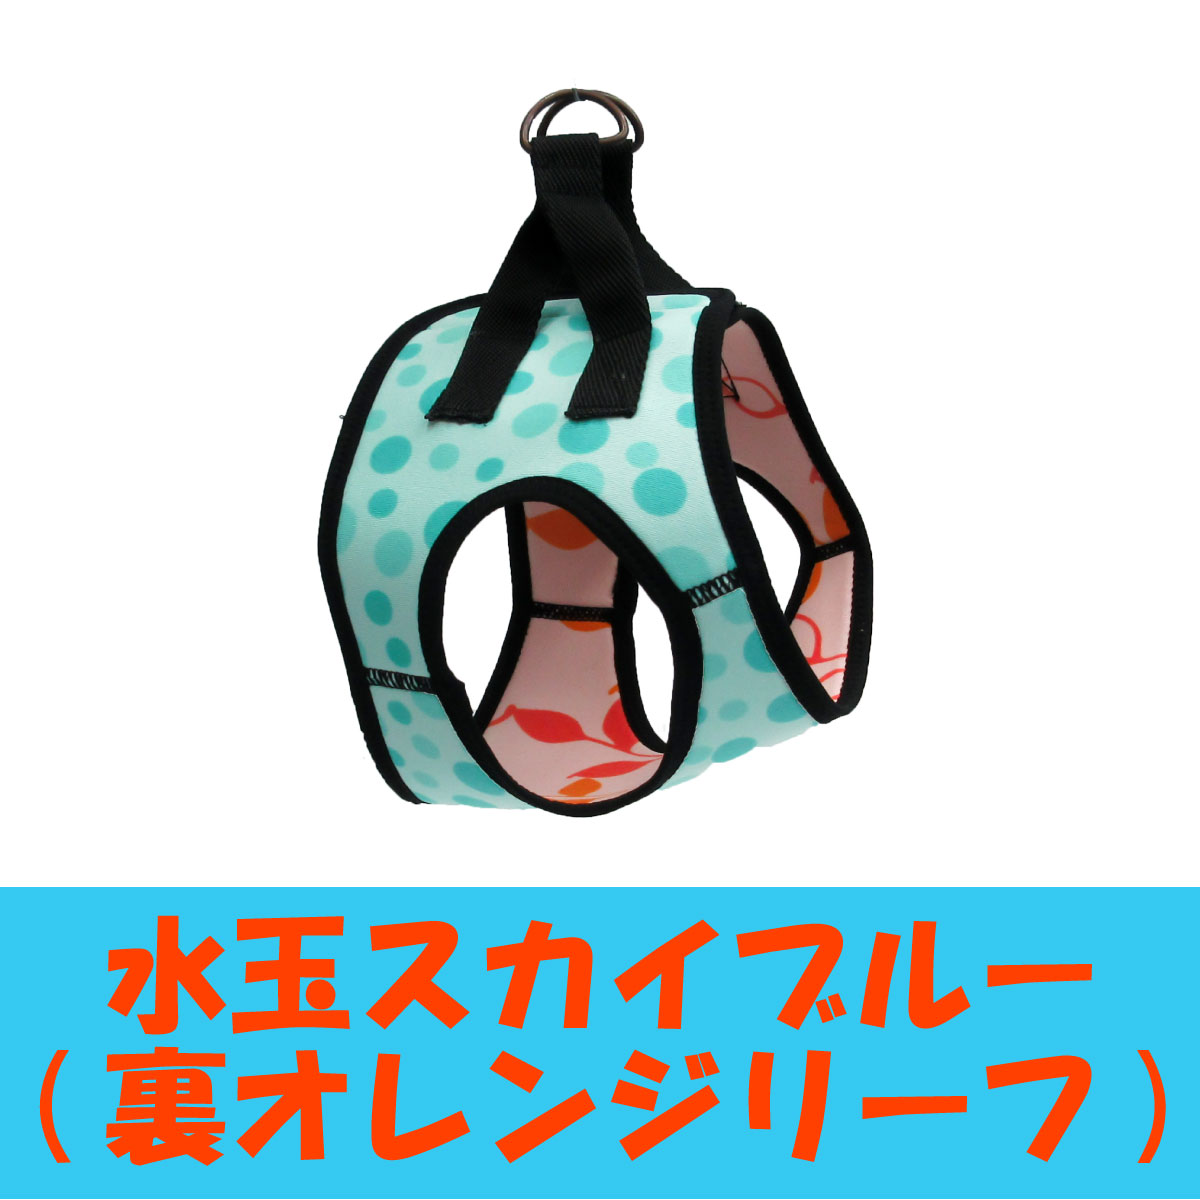 わんダフル★ハーネス フレンチブル用【山本化学工業】